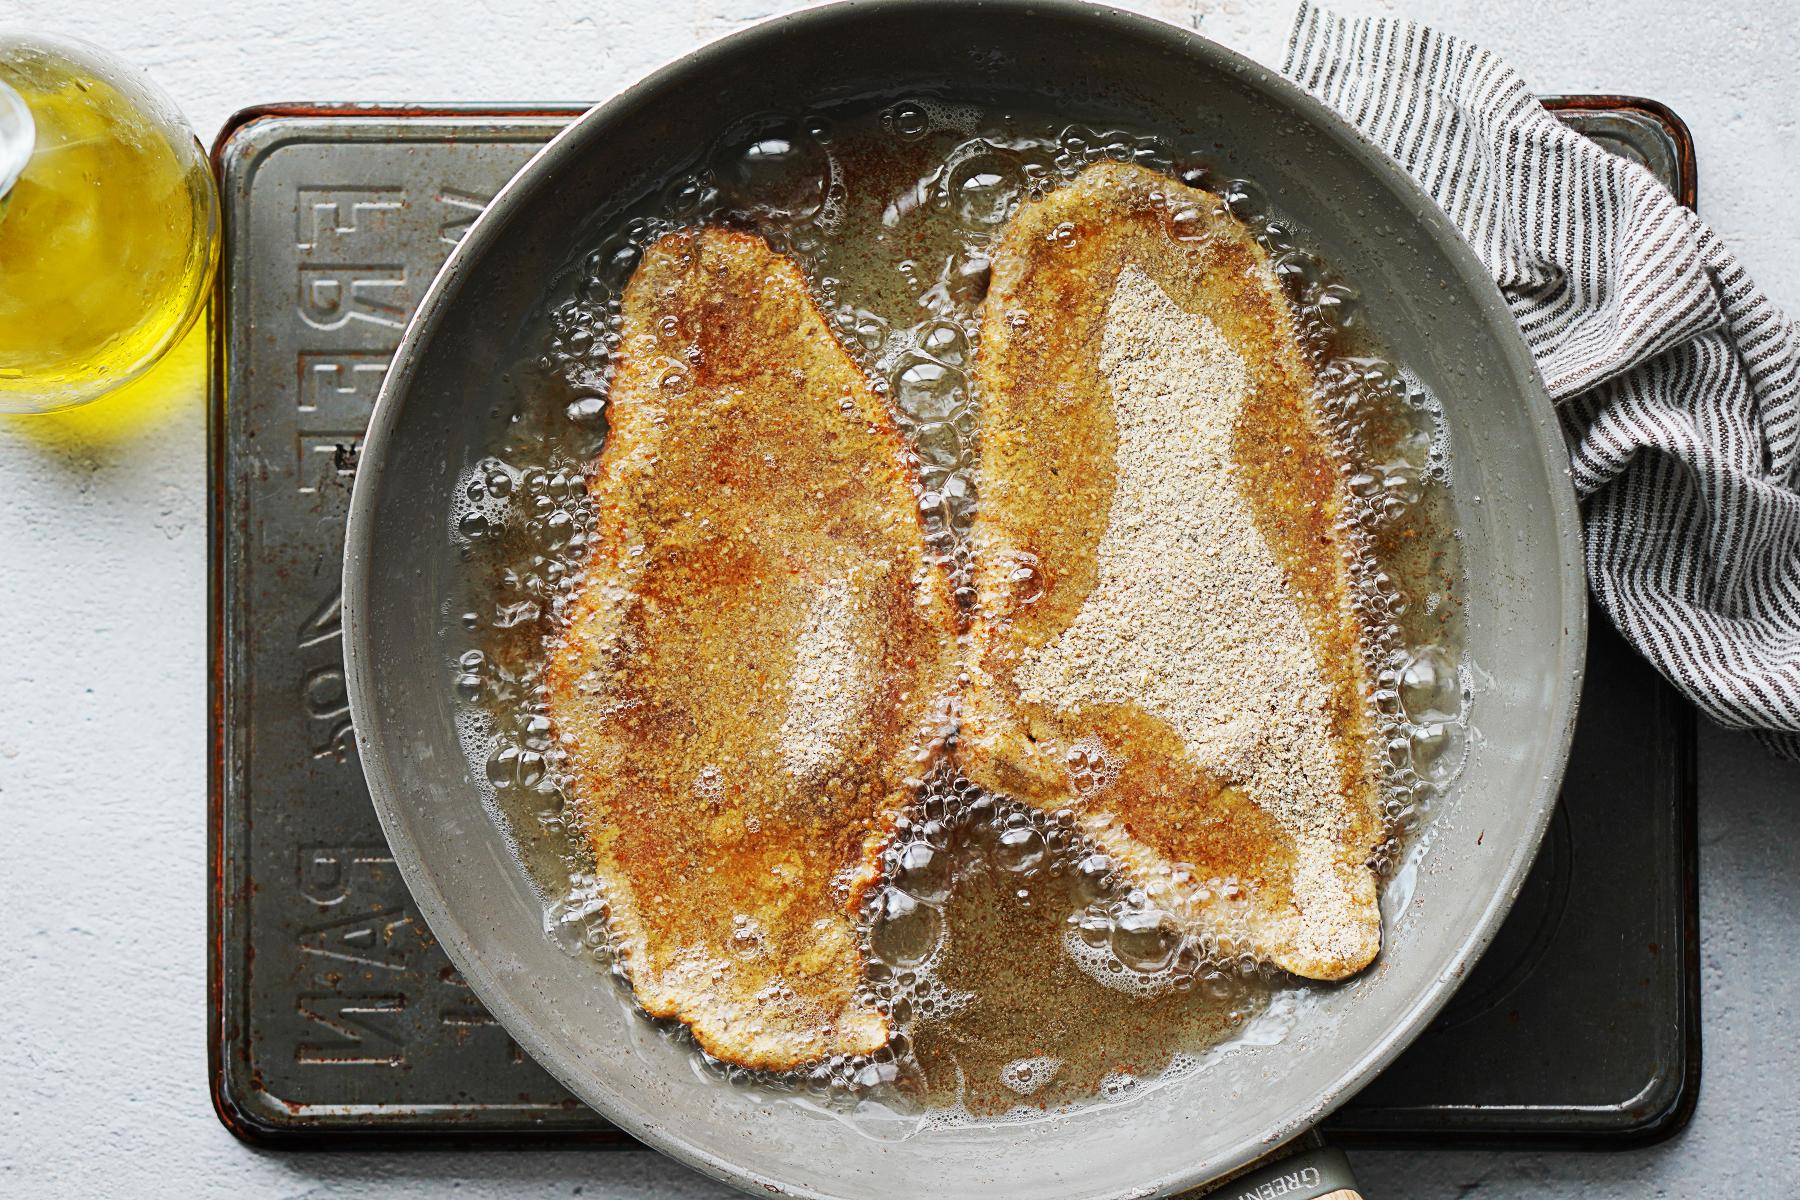 Frying breaded steaks in hot oil in a skillet